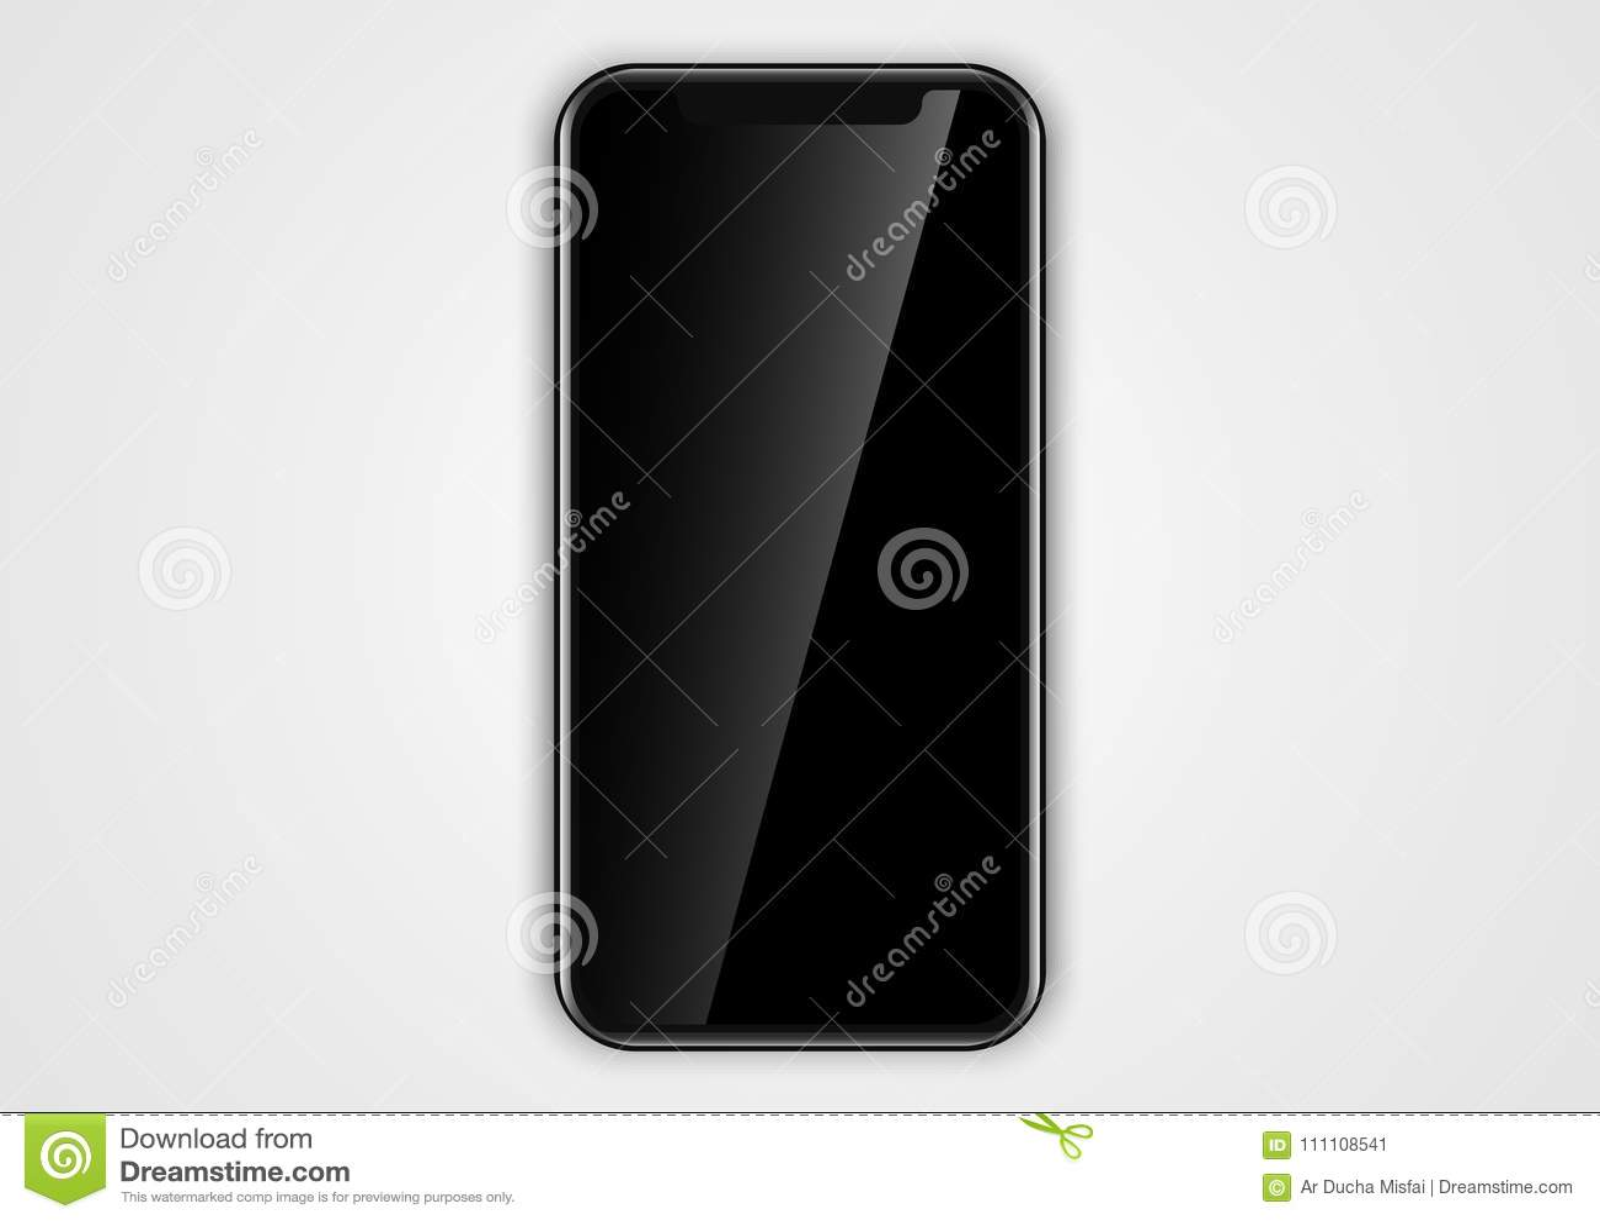 Blank phone frame design for template user interface stock vector blank phone frame design for template user interface maxwellsz